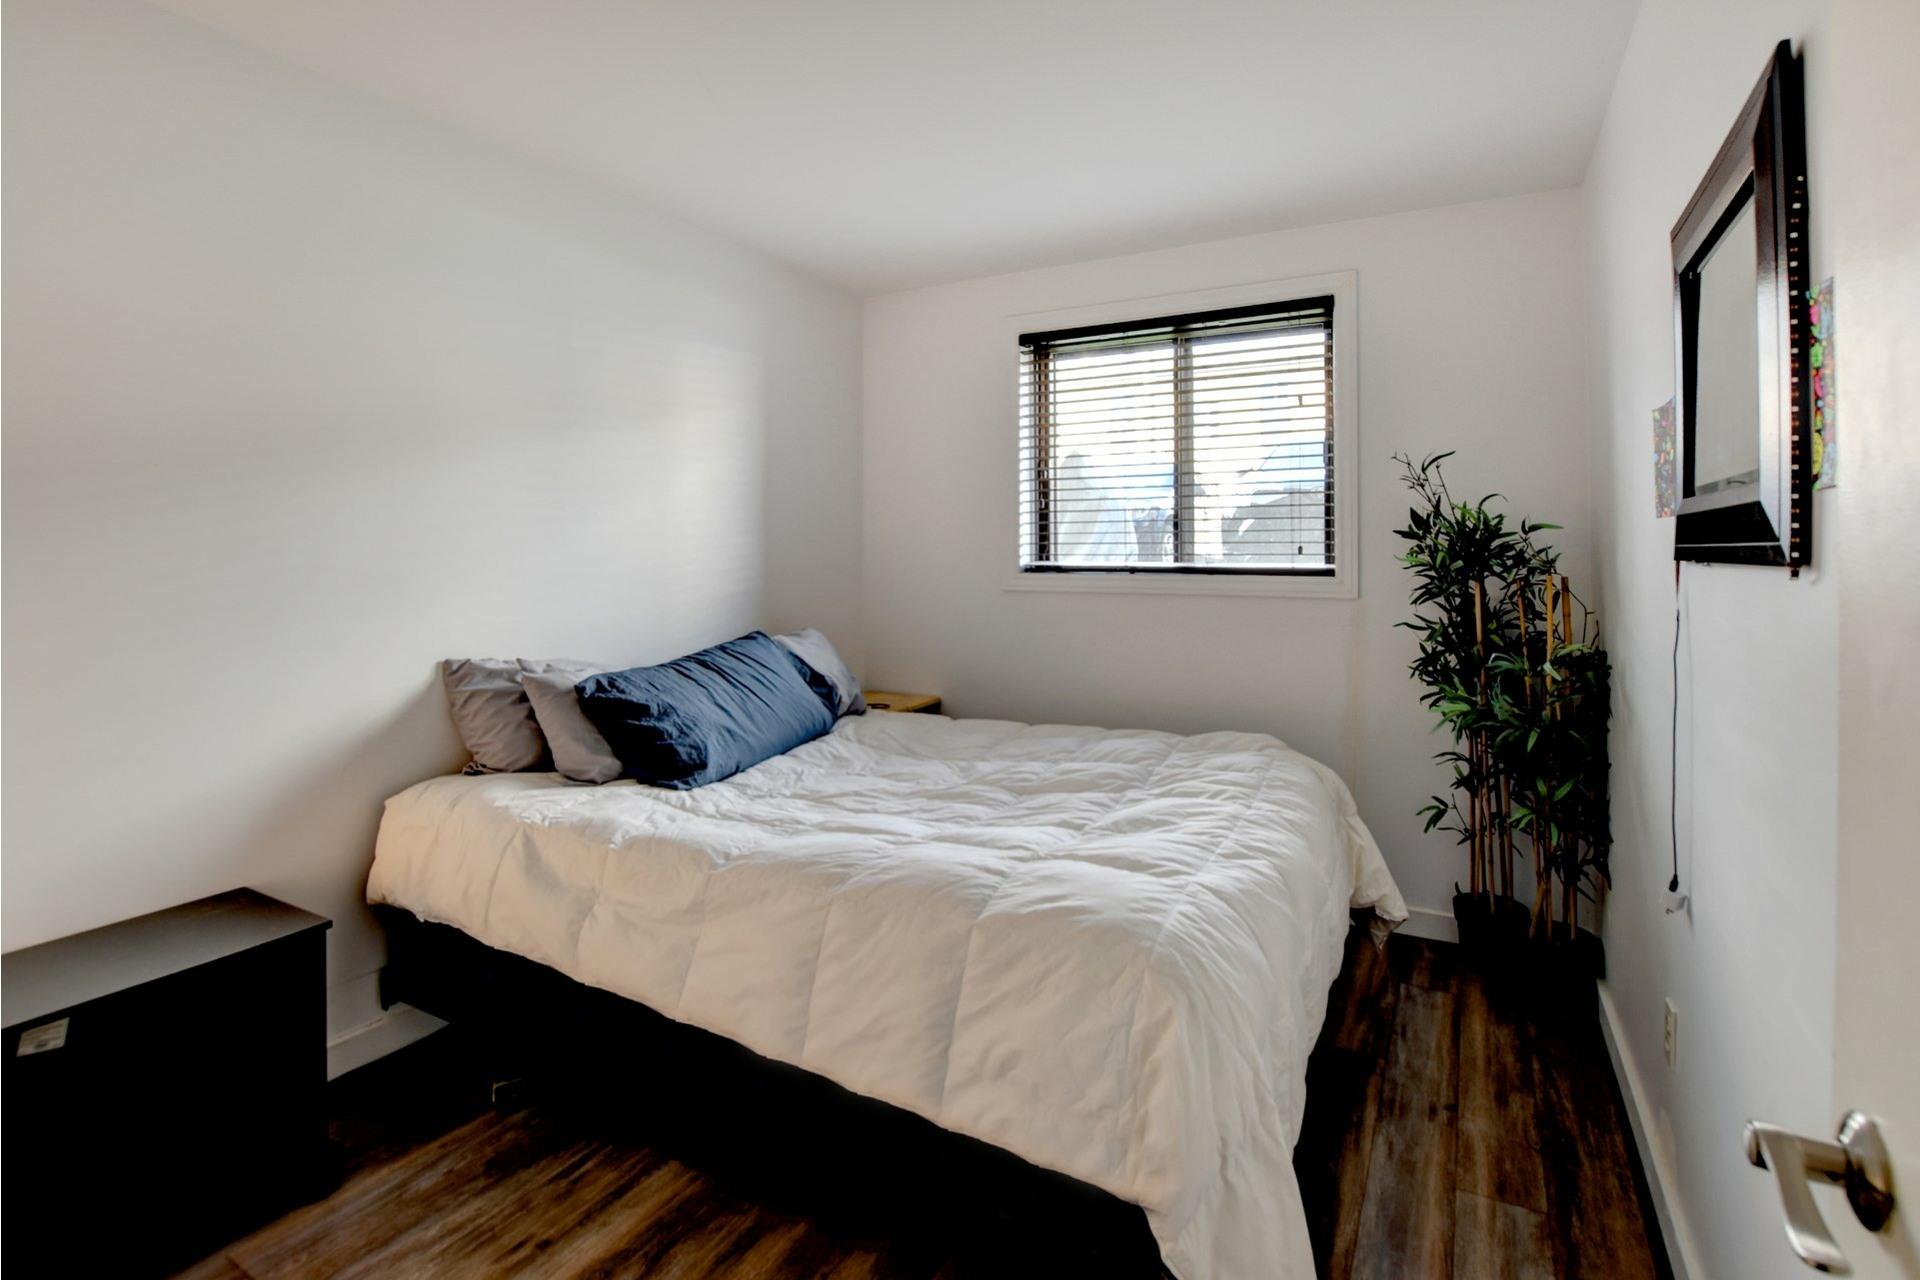 image 12 - Appartement À vendre Rivière-des-Prairies/Pointe-aux-Trembles Montréal  - 6 pièces